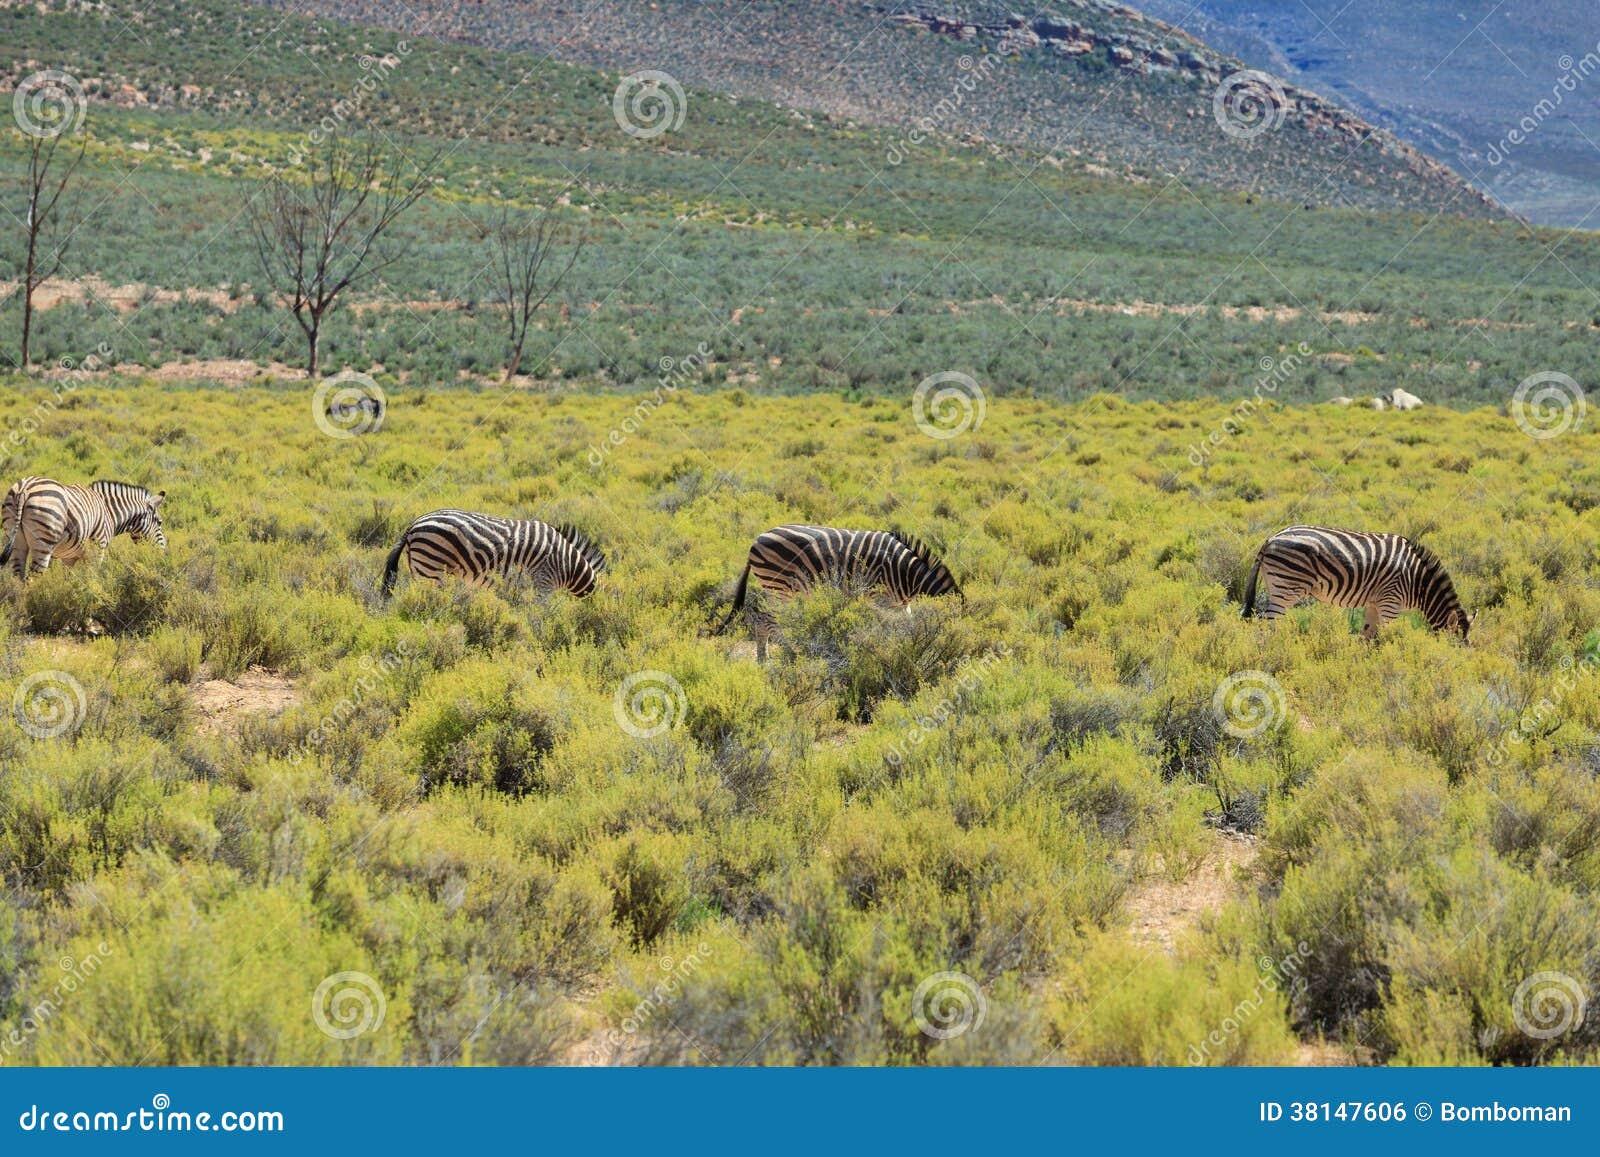 Cebras en safari en Suráfrica